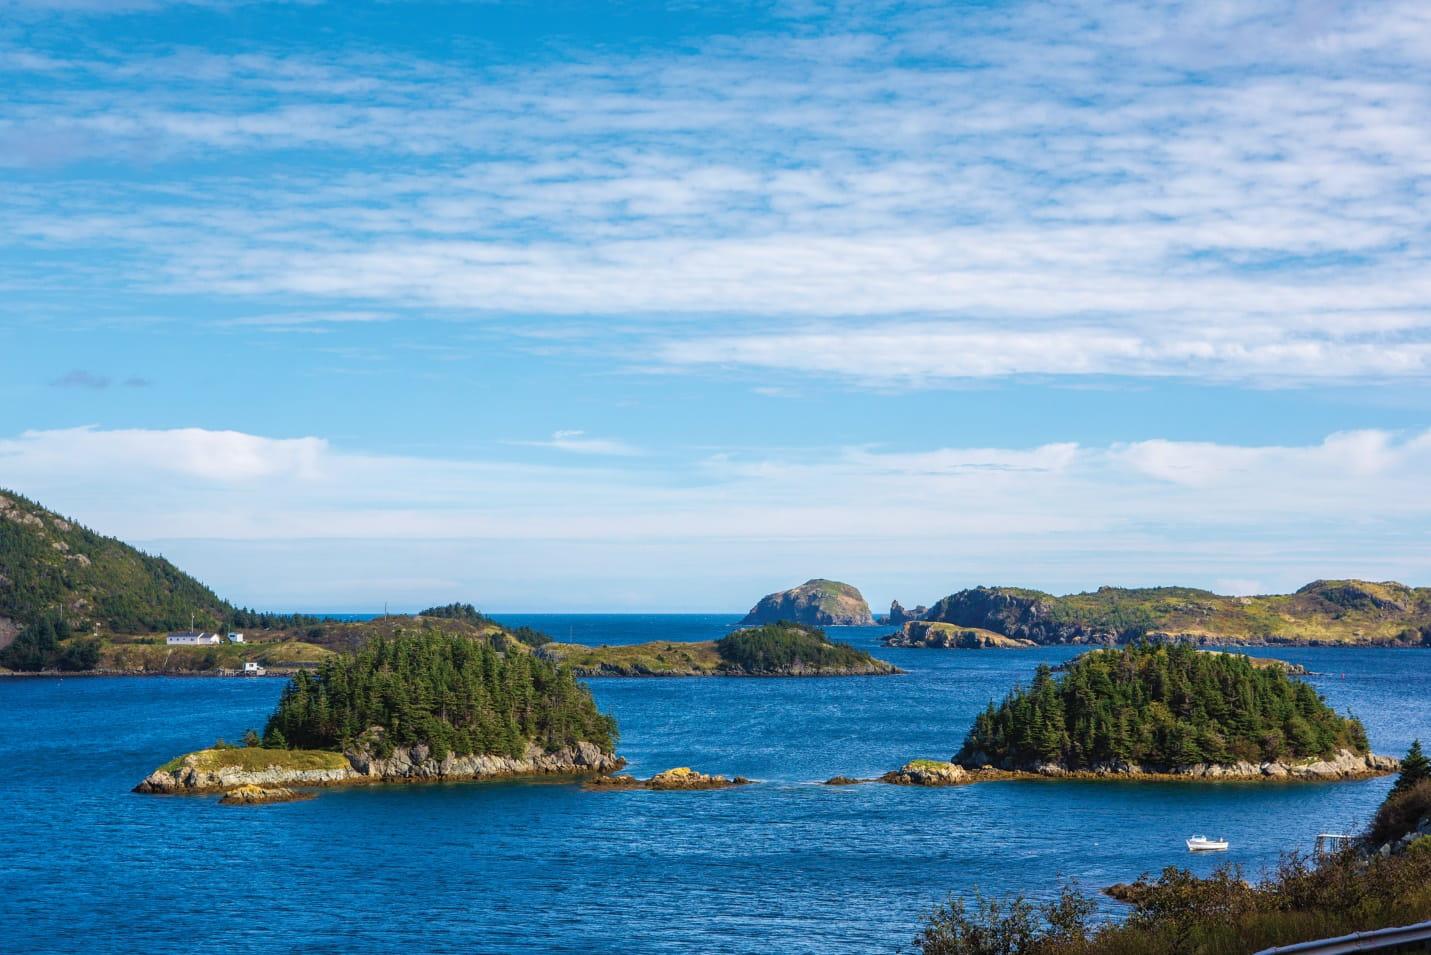 Turtle Islands, Newfoundland and Labrador